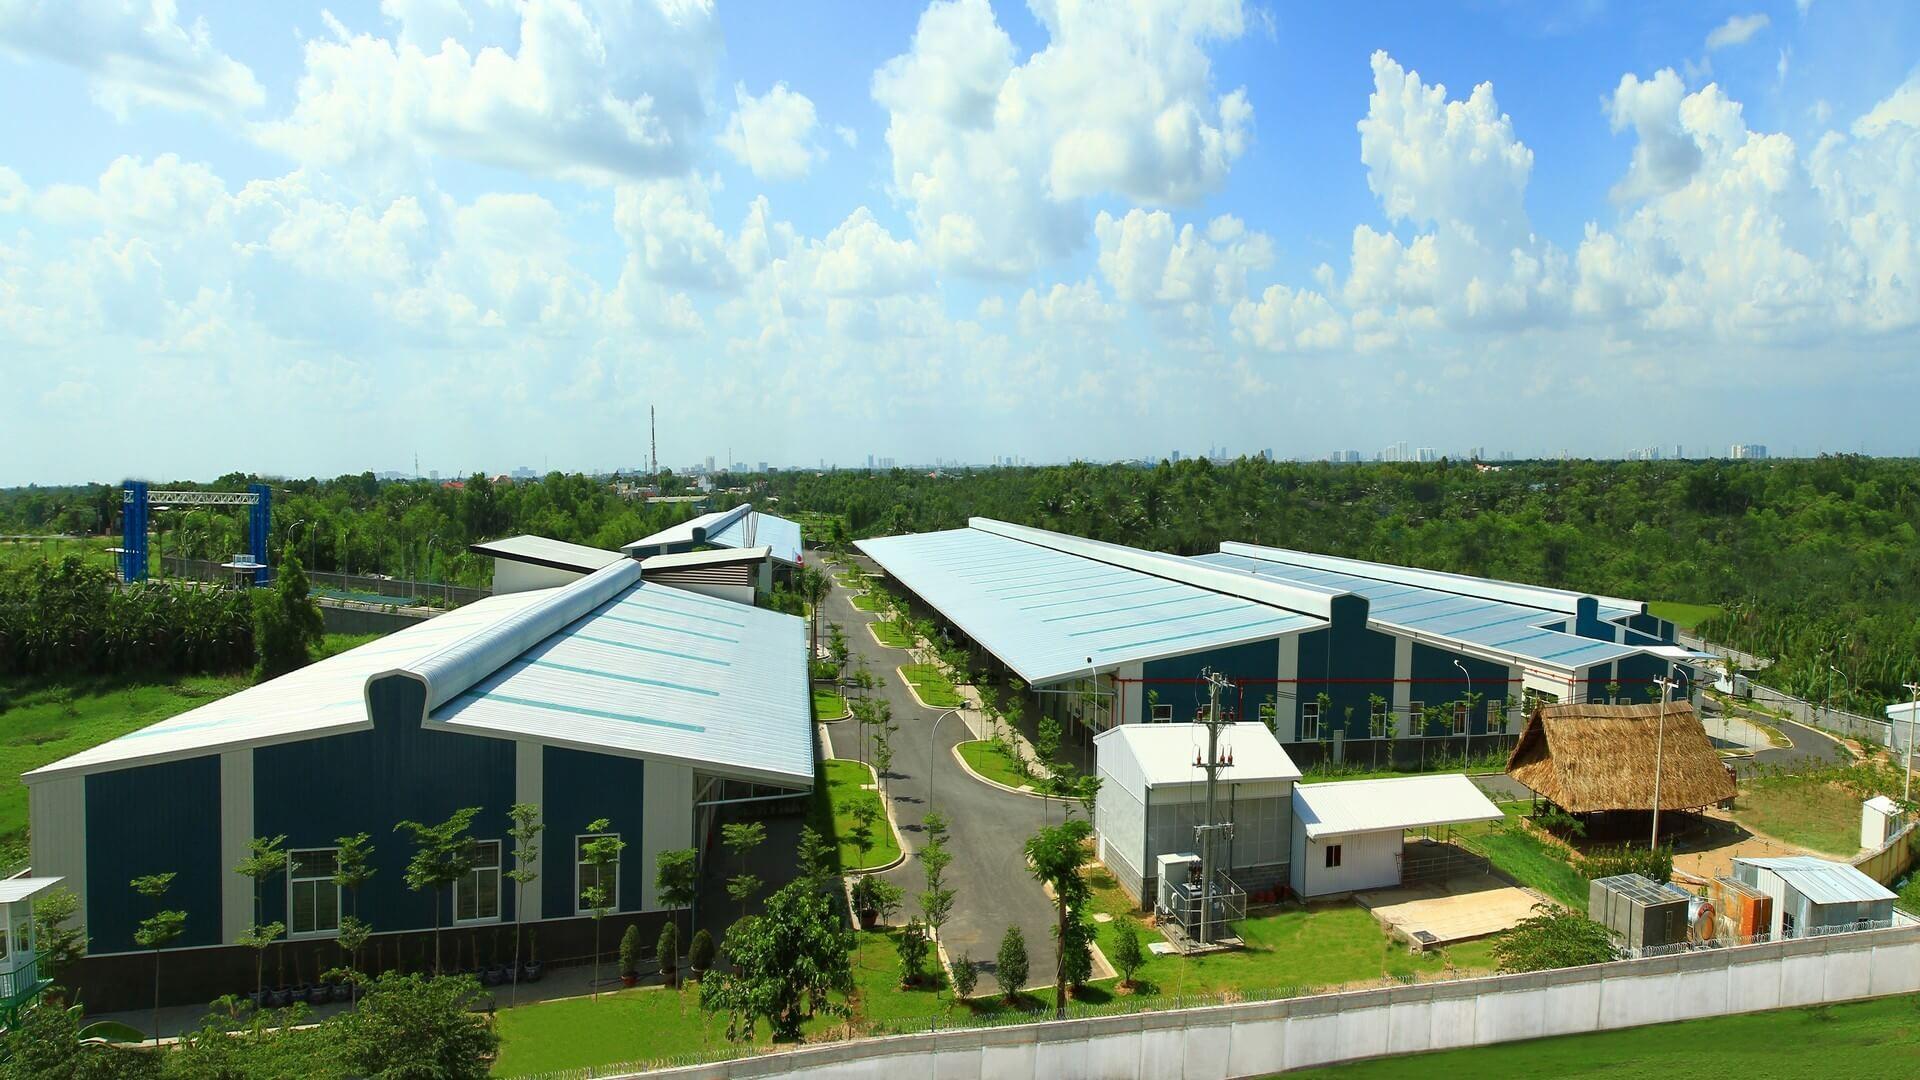 롱안 생산 공장, 베트남 공단 정보